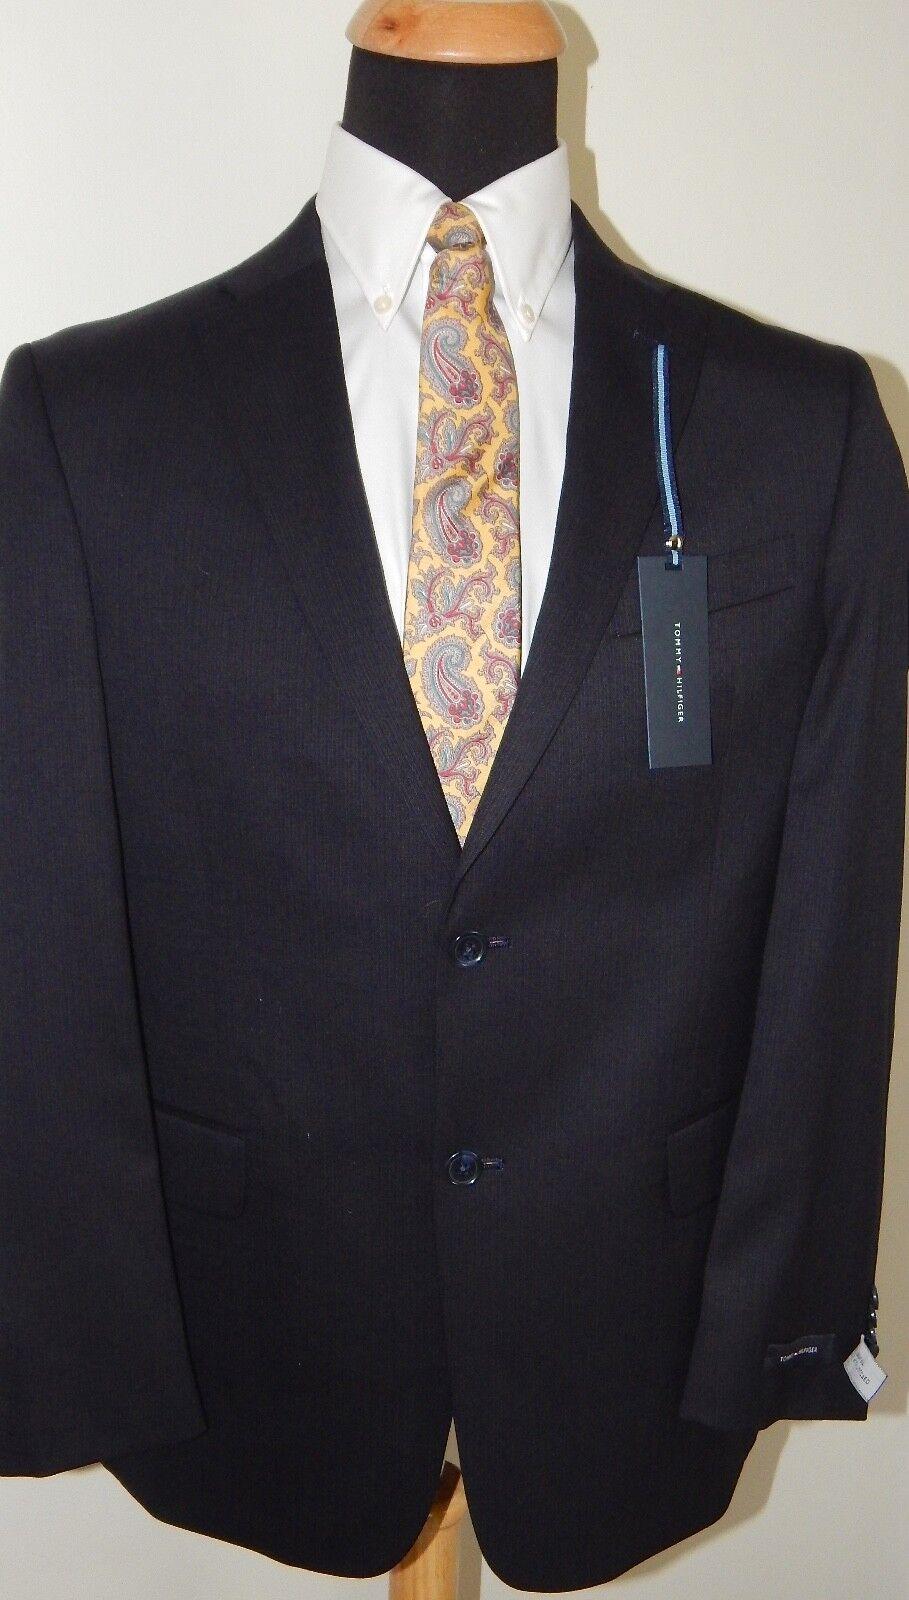 Tommy Hilfiger Navy blu Pinstripe Uomo Suit 80453 100% Wool Wool Wool Trim Fit Flat 46L b50b71